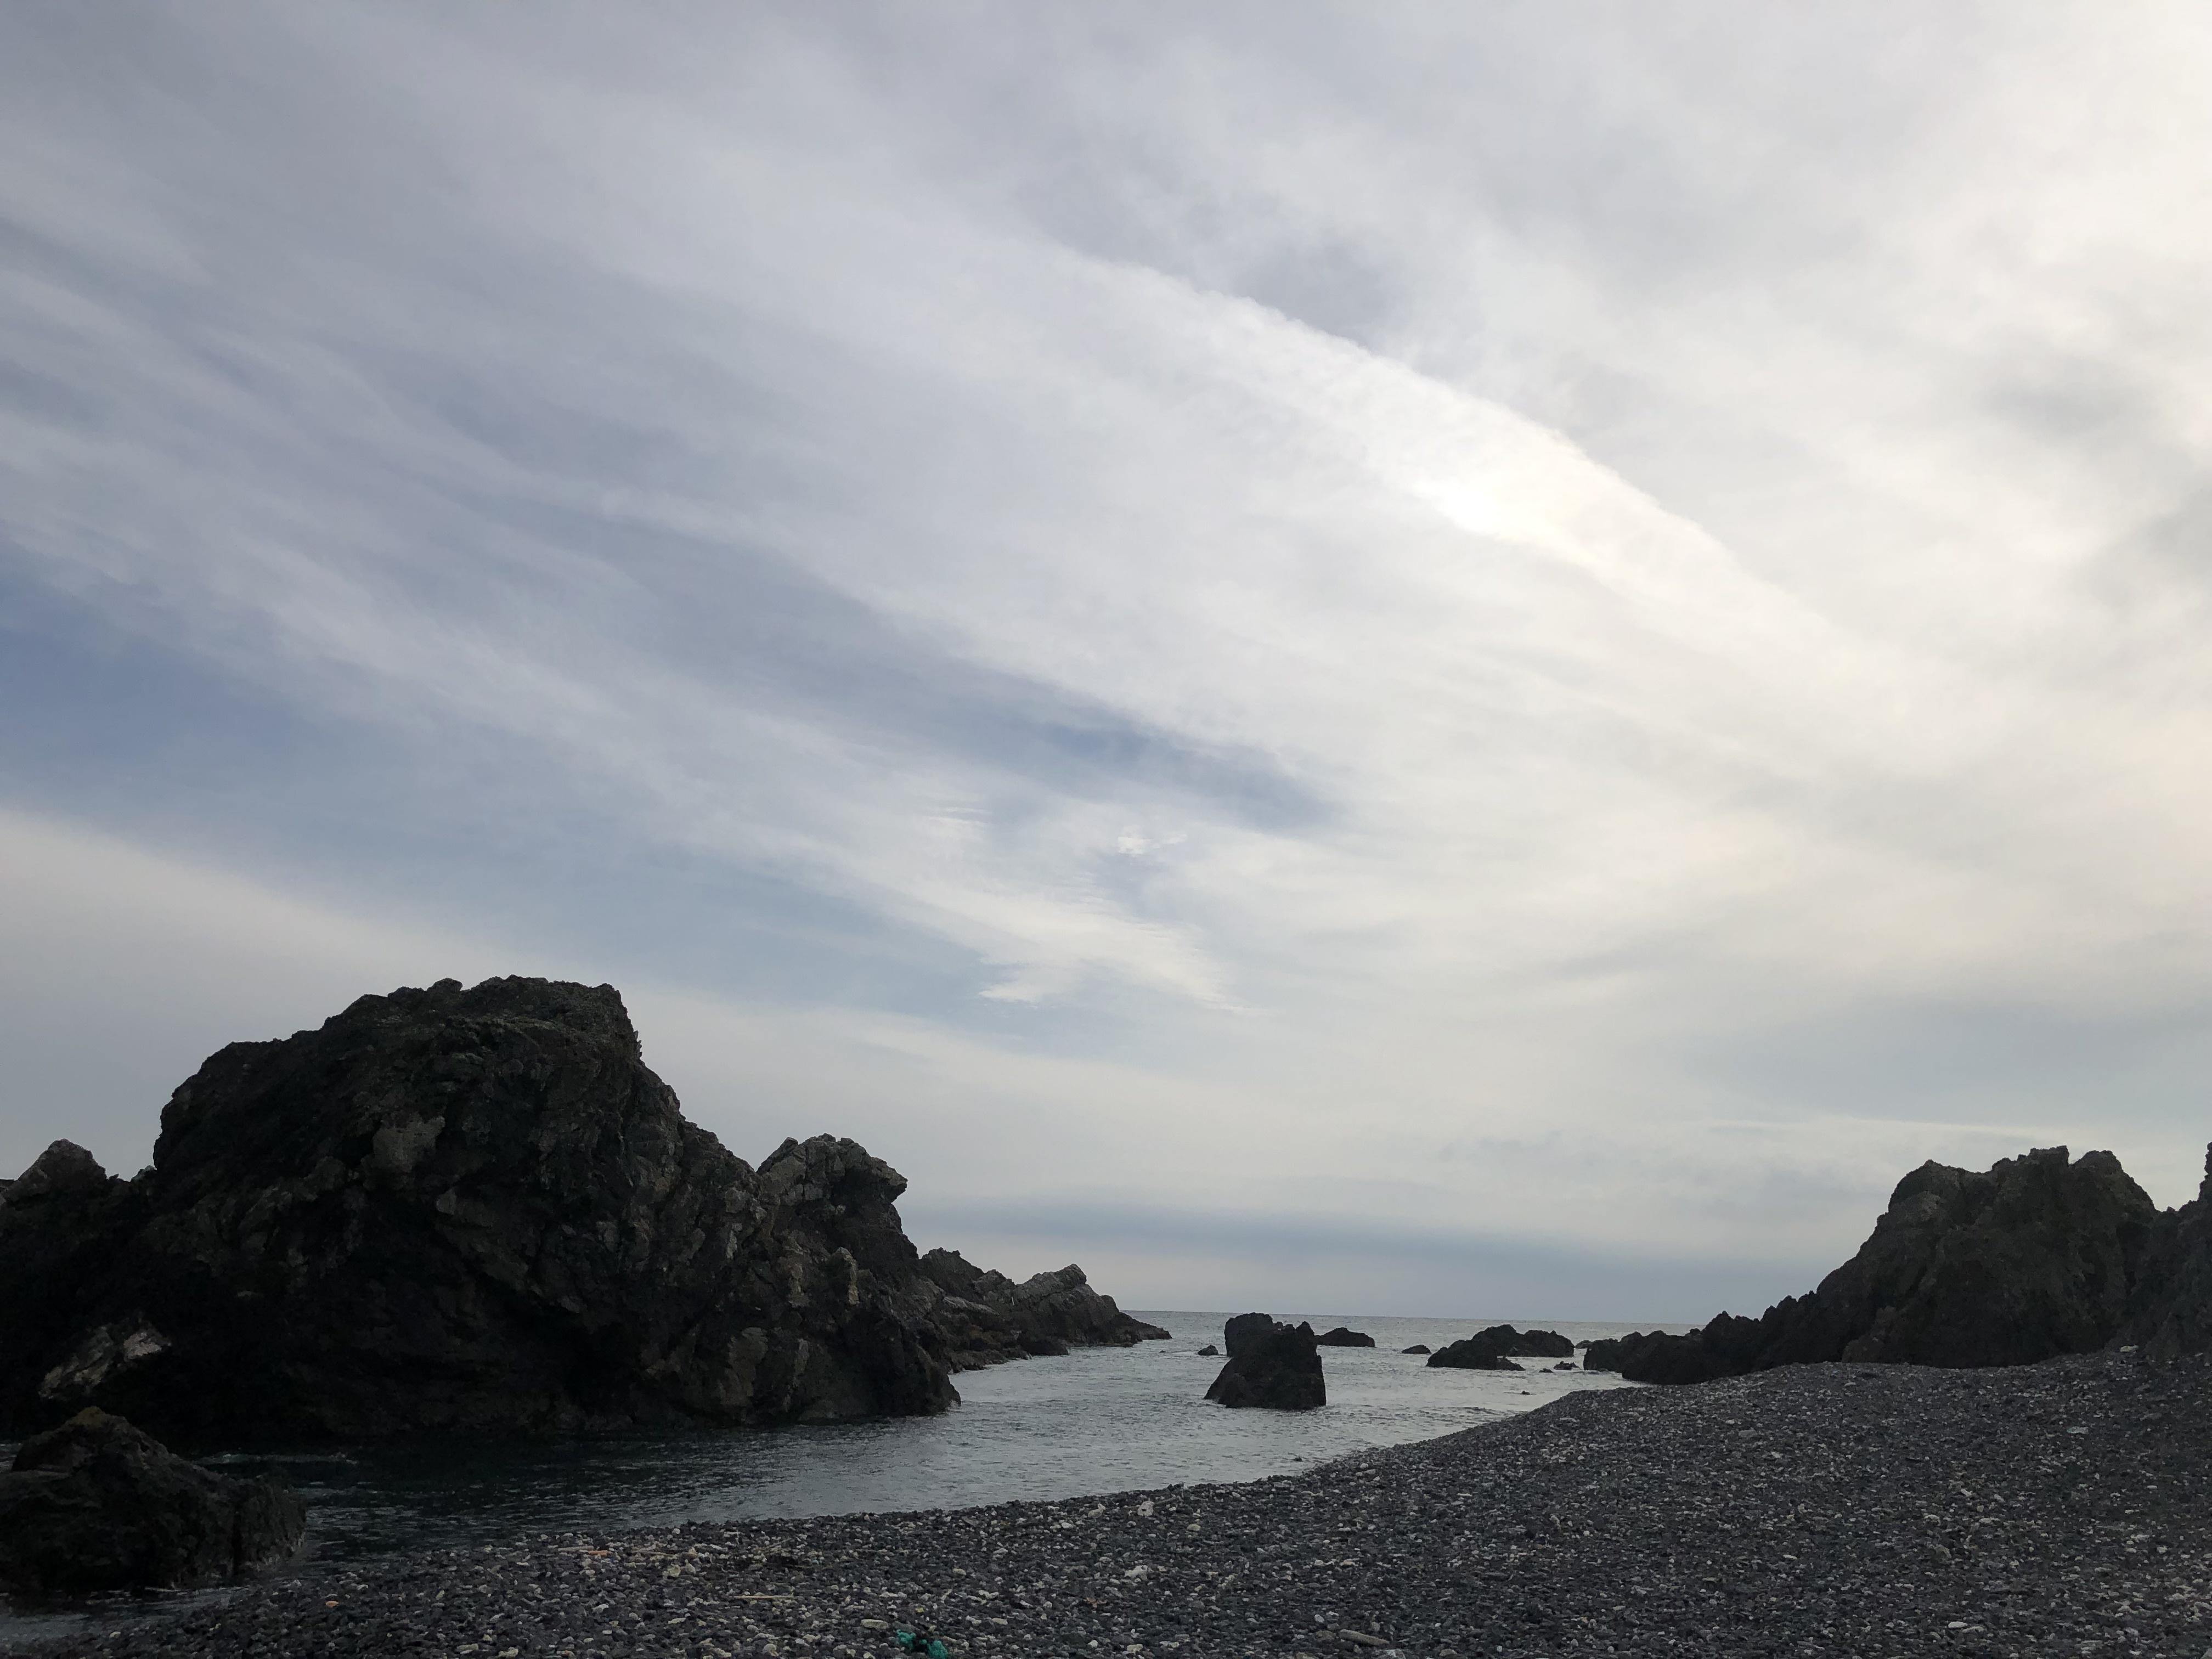 ぴーきち&ダイナ ハーレーで行く 室戸岬 ツーリング 絶景